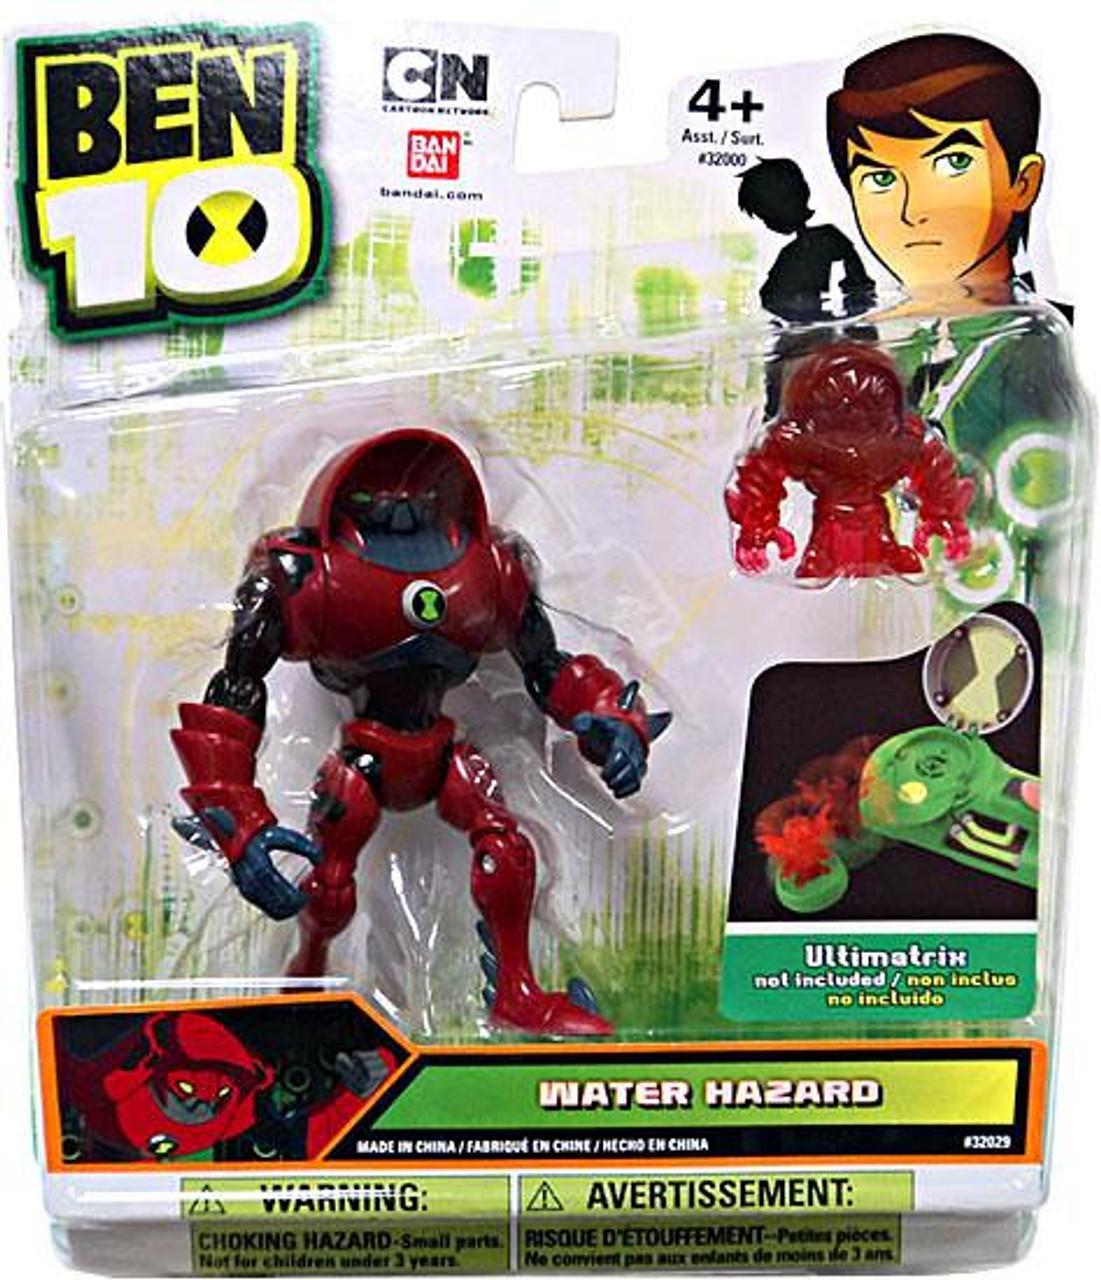 Ben 10 Water Hazard Action Figure